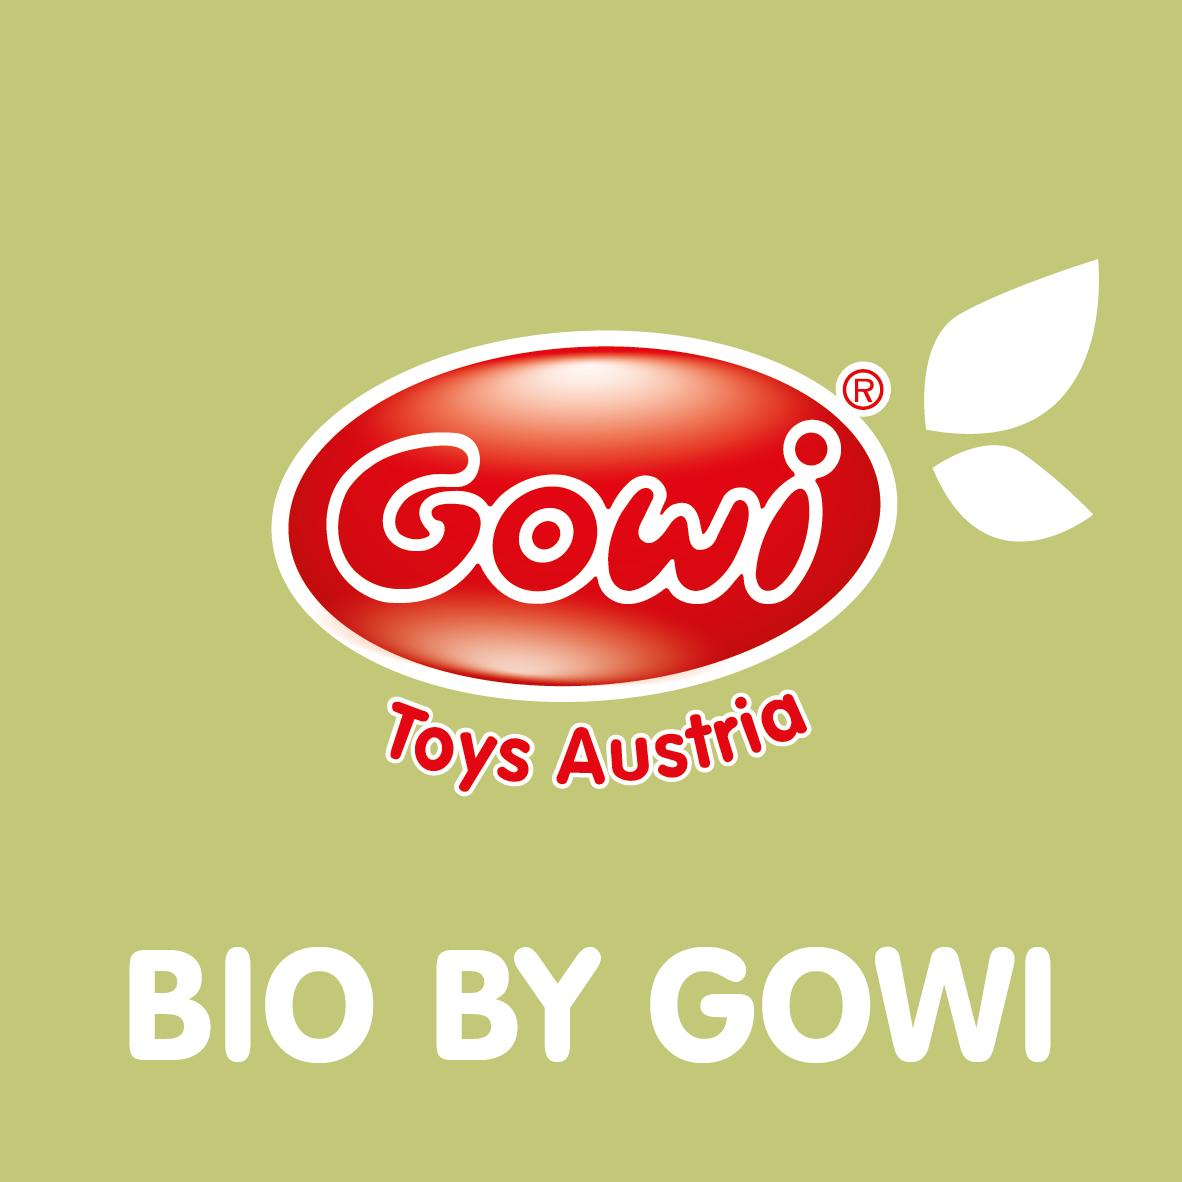 Bildergebnis für gowi logo